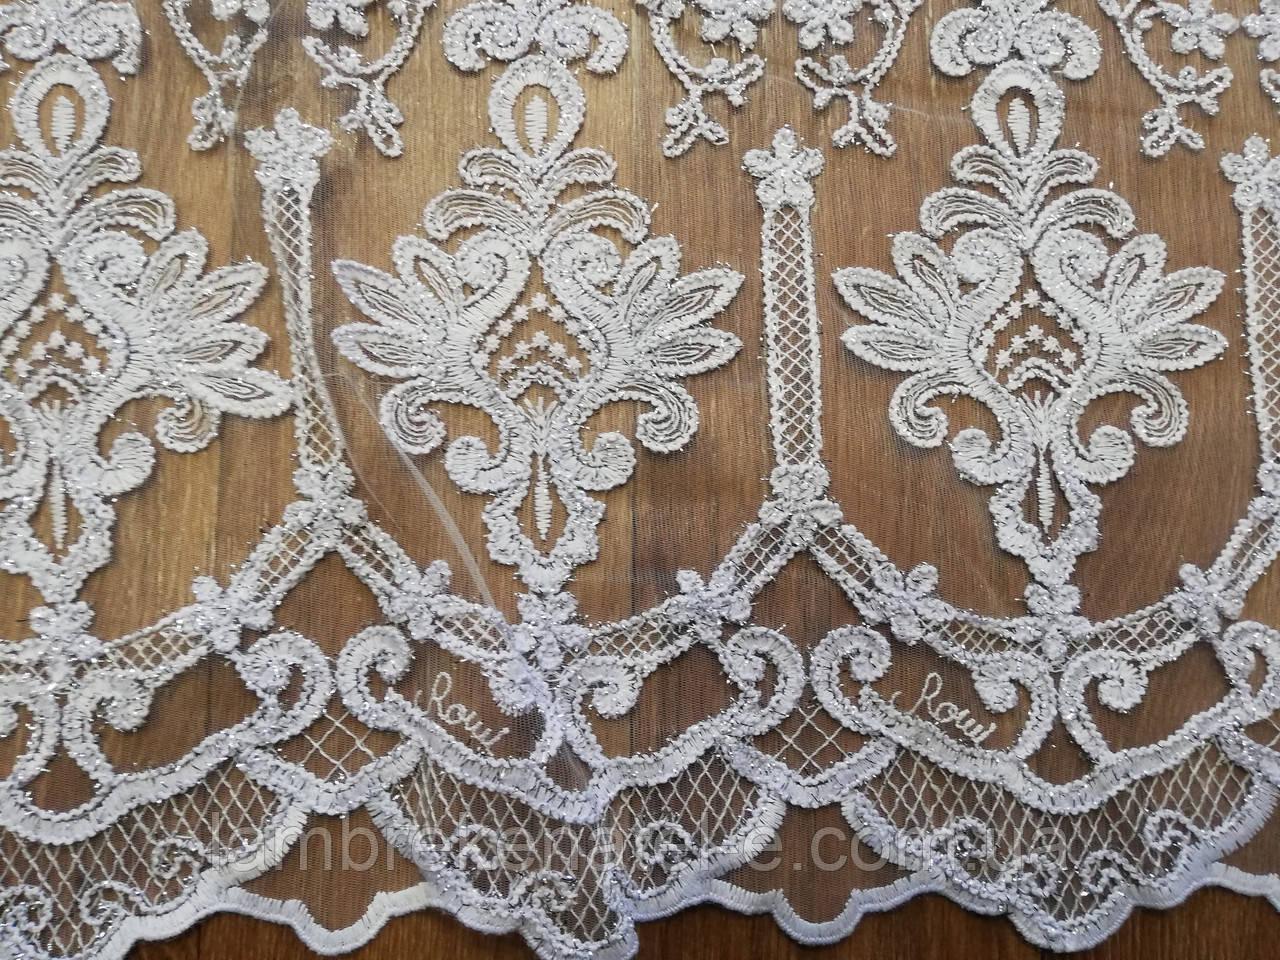 Тюль белая в зал, с кордовой вышивкой и серебристым люрексом